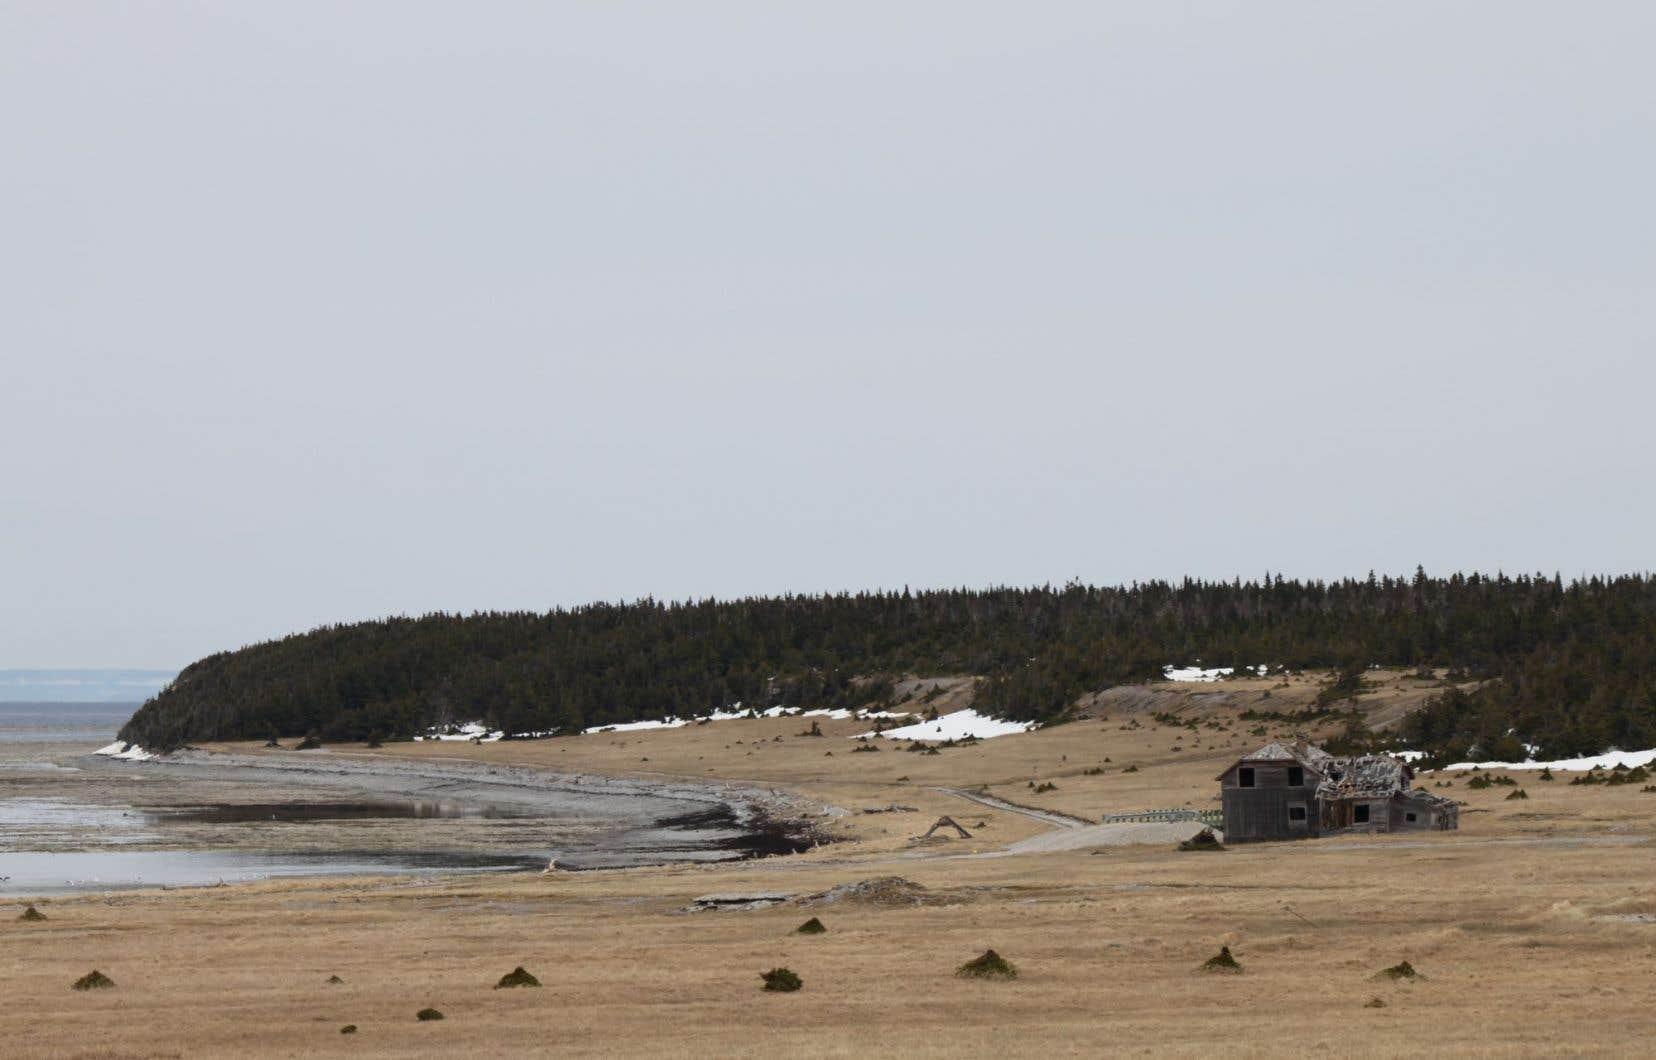 Il est ainsi prévu de mener trois forages avec fracturation dans le but de confirmer le potentiel d'exploitation pétrolière commerciale sur l'île d'Anticosti.